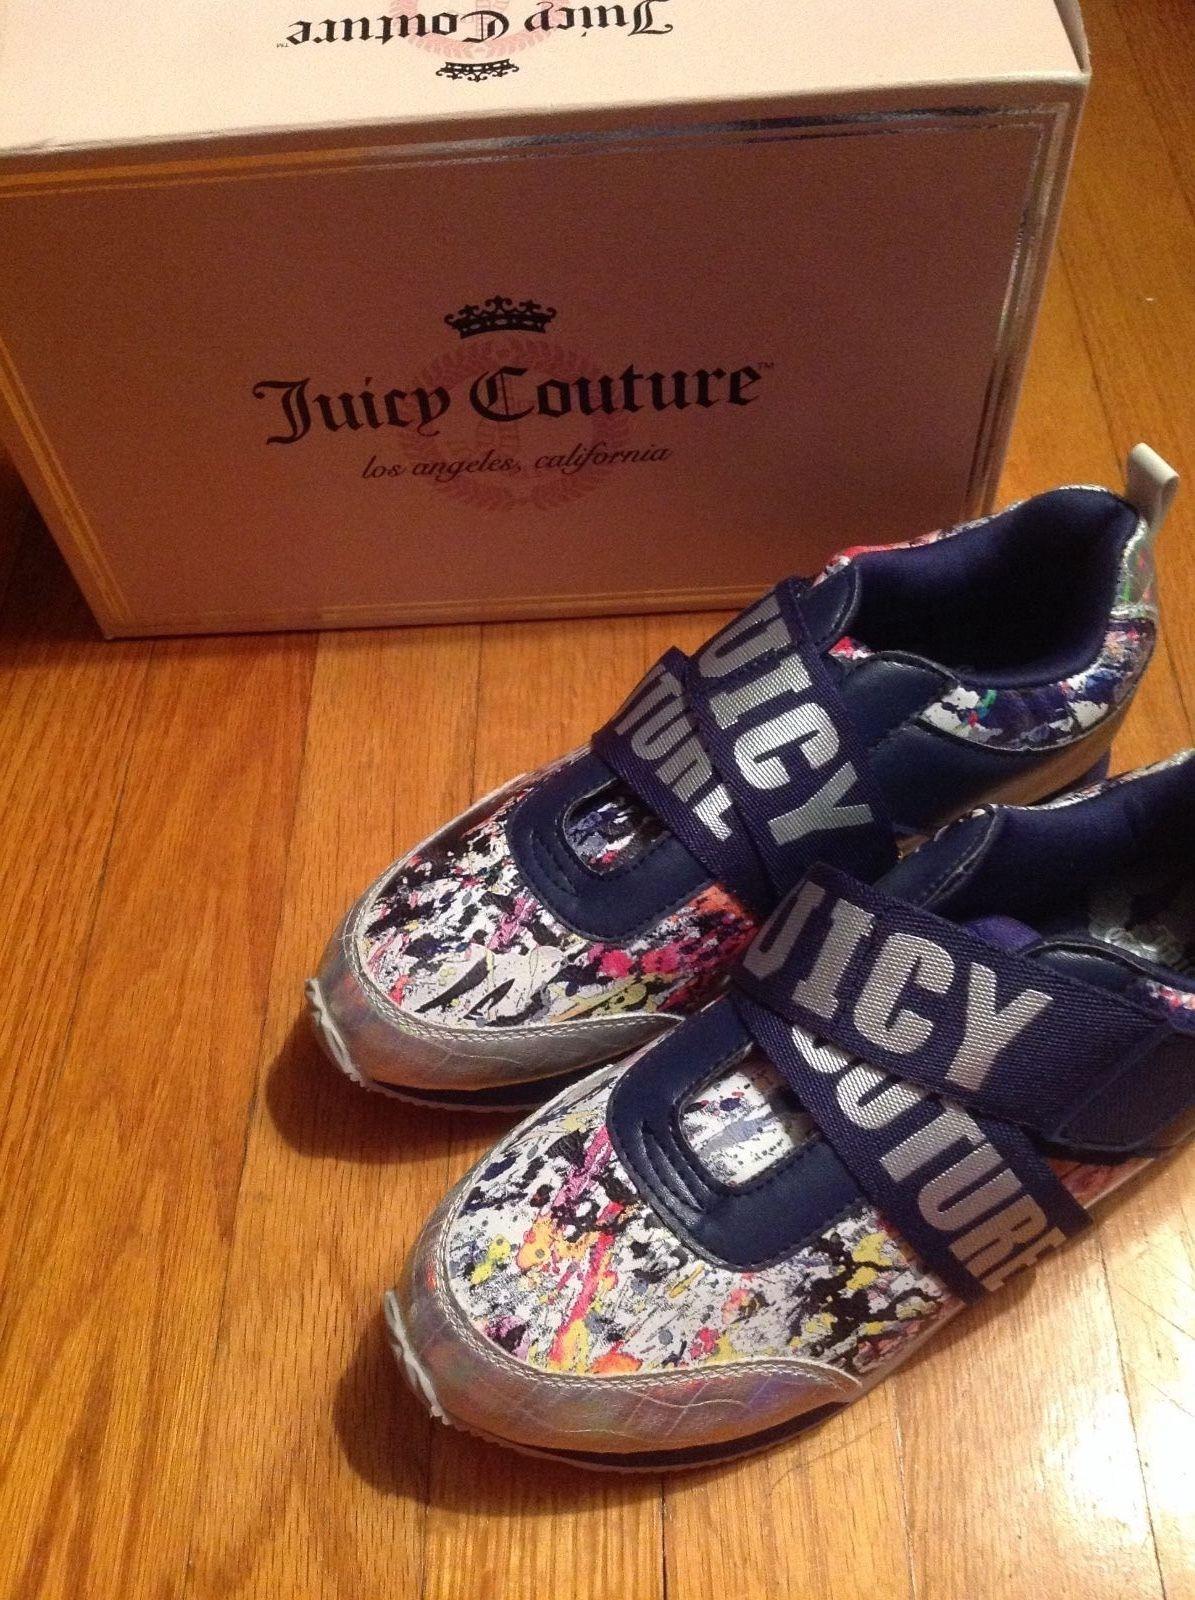 NEW Juicy Couture Women s Blane Splatter Blue Multi Fashion Sneakers Sz 7.5  US  1260f2011